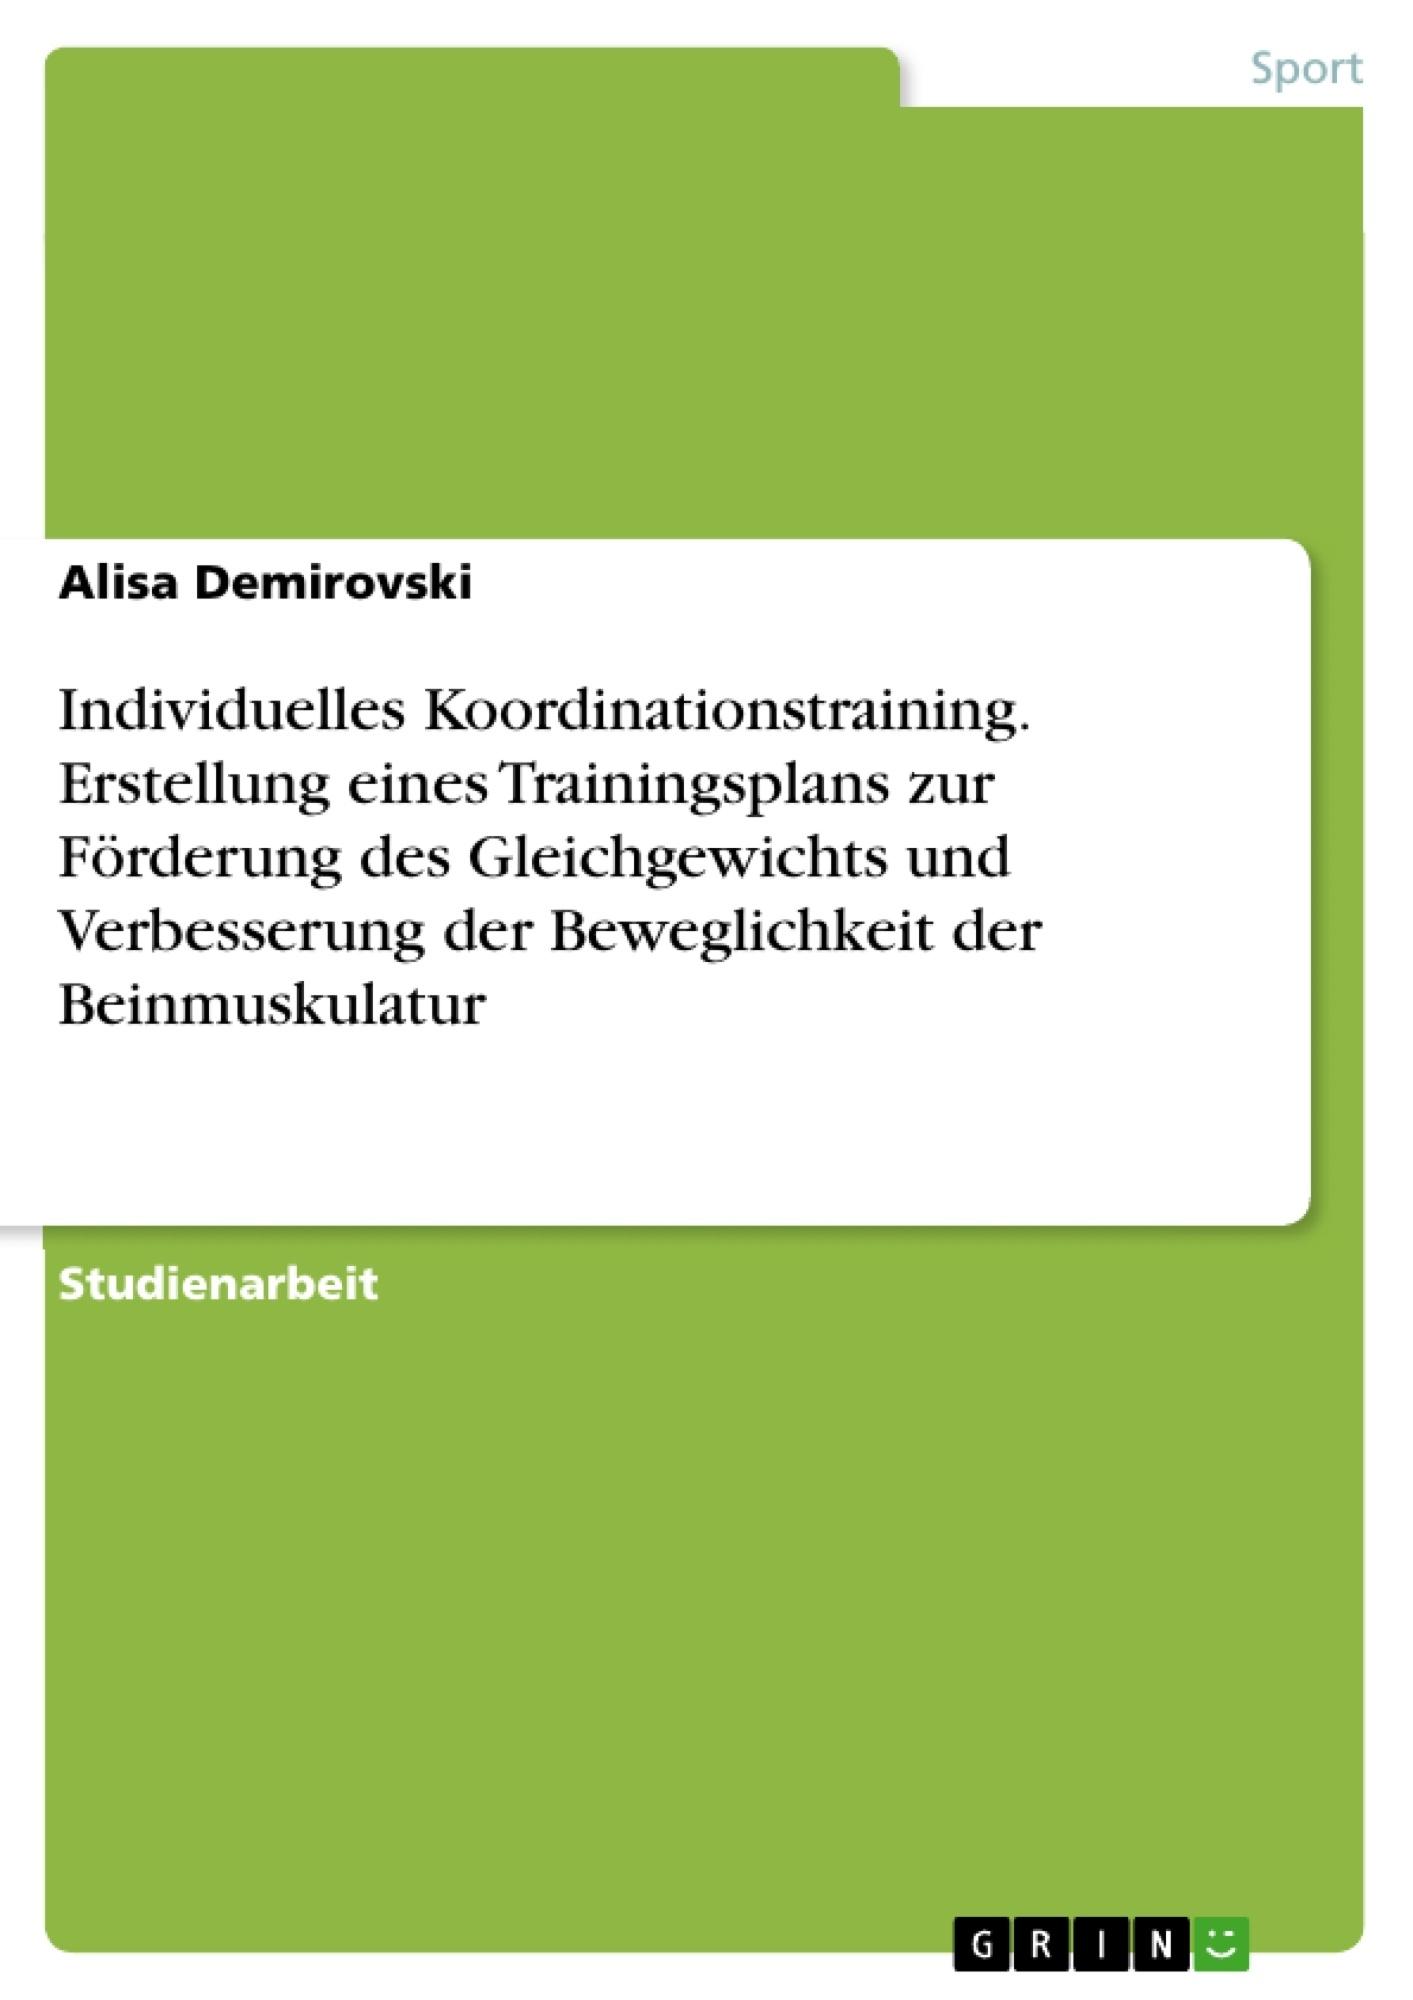 Titel: Individuelles Koordinationstraining. Erstellung eines Trainingsplans zur Förderung des Gleichgewichts und Verbesserung der Beweglichkeit der Beinmuskulatur